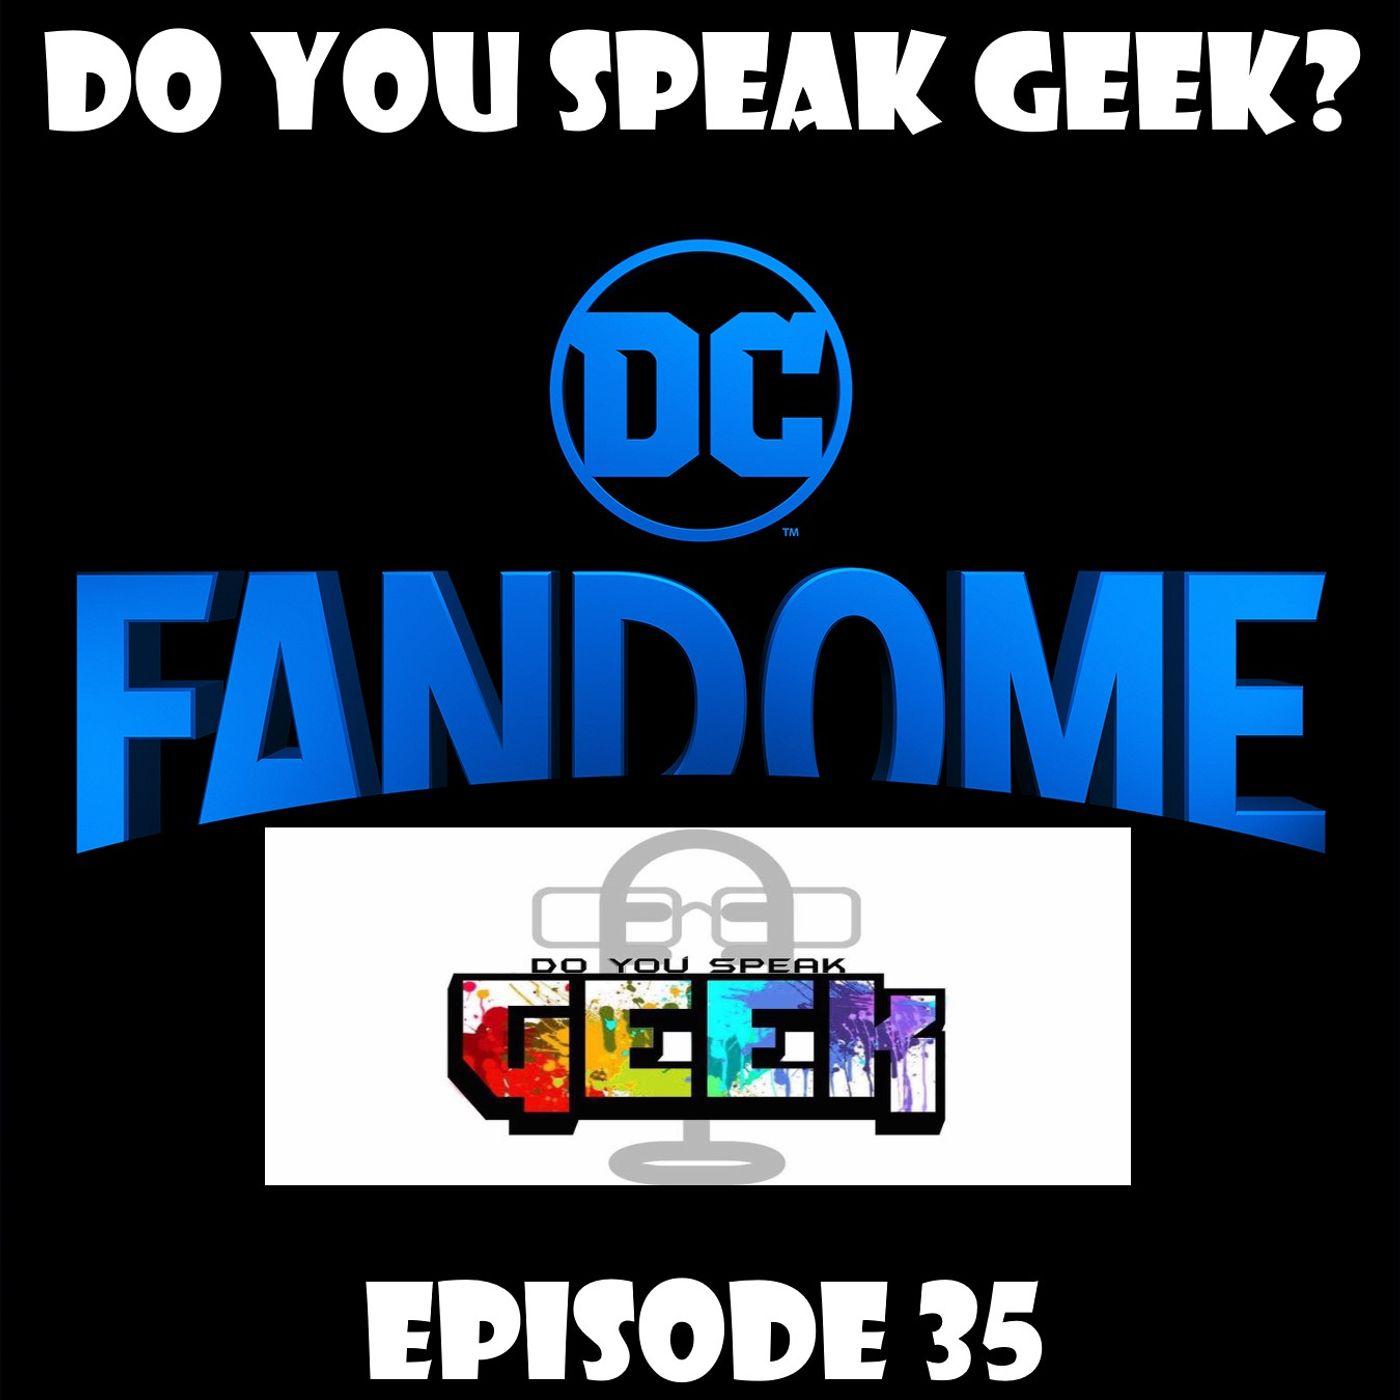 Episode 35 (DC Fandome, EA Play Live, Dark Nights: Death Metal, Doom Patrol Season 2 and more)